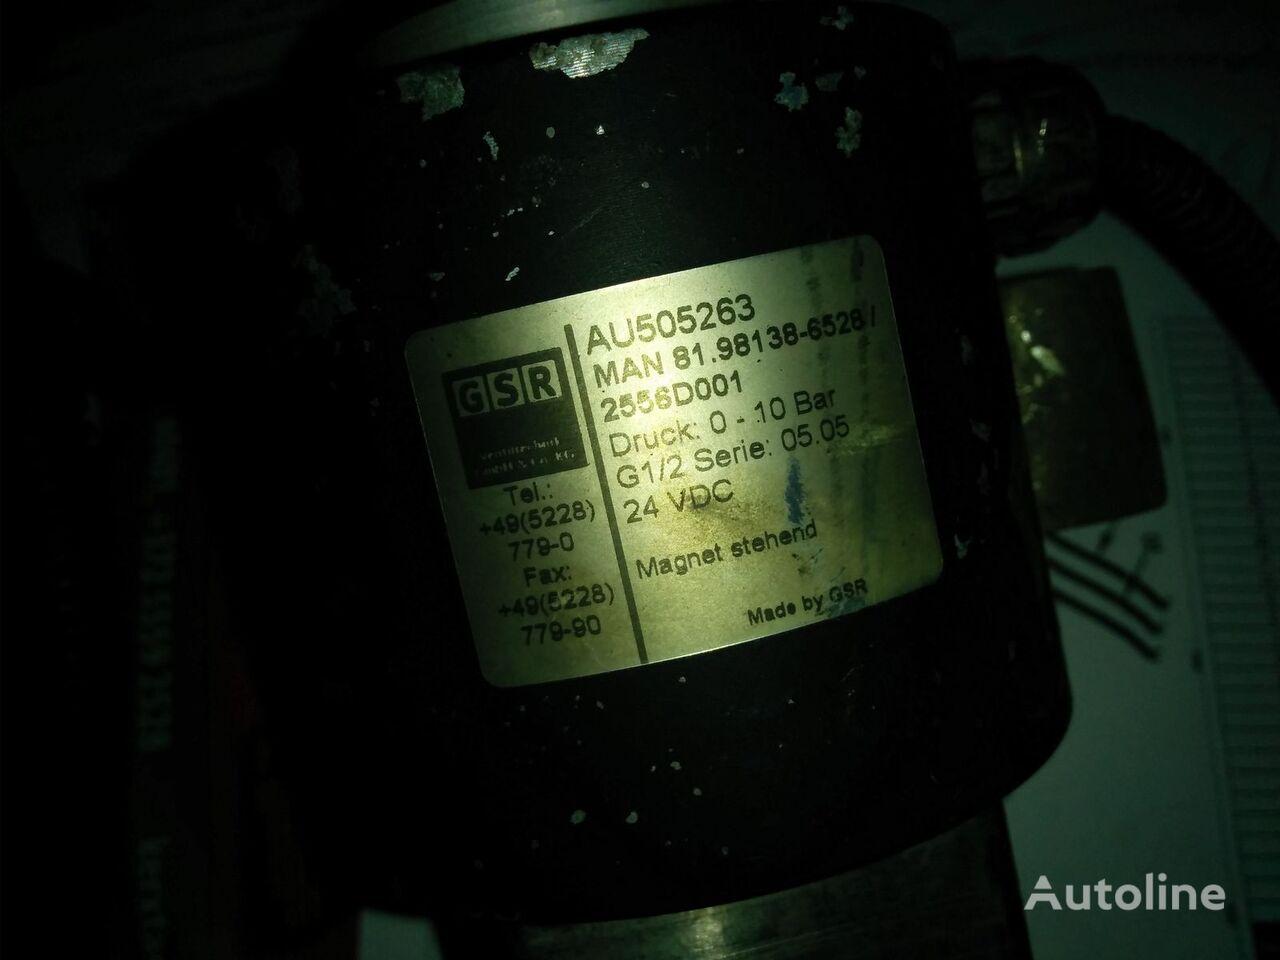 unité de commande MAN AU505263 81.98138-6528 pour bus MAN Leon Citi